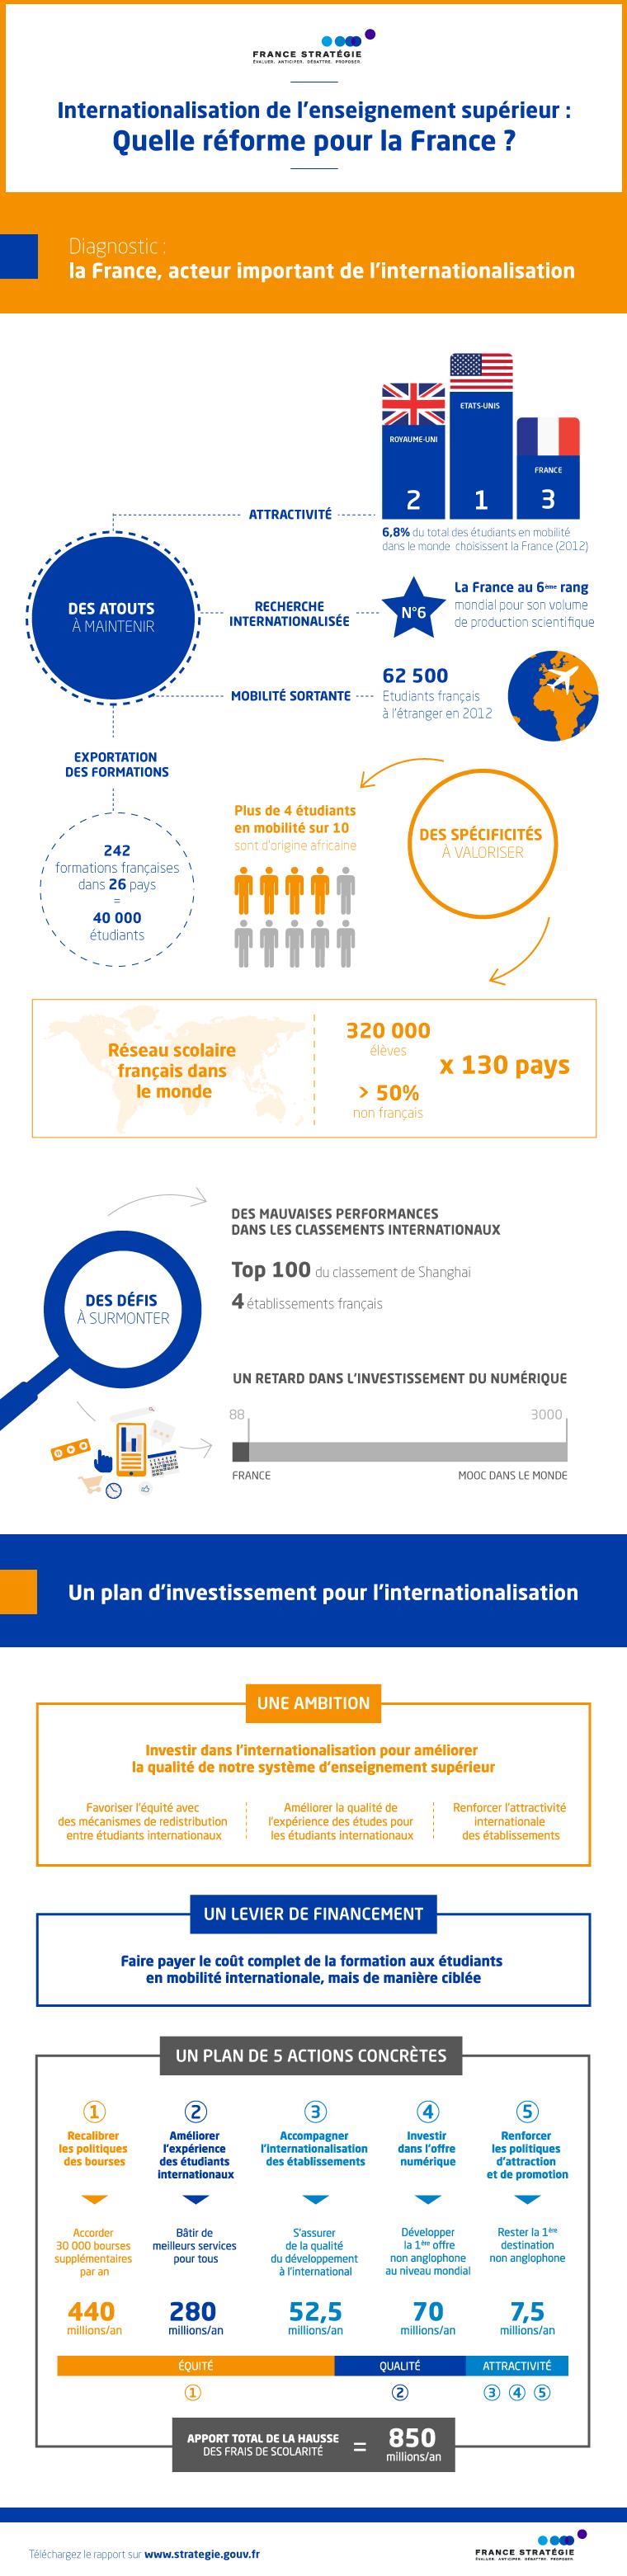 infographieinternationalisation_2v2.png